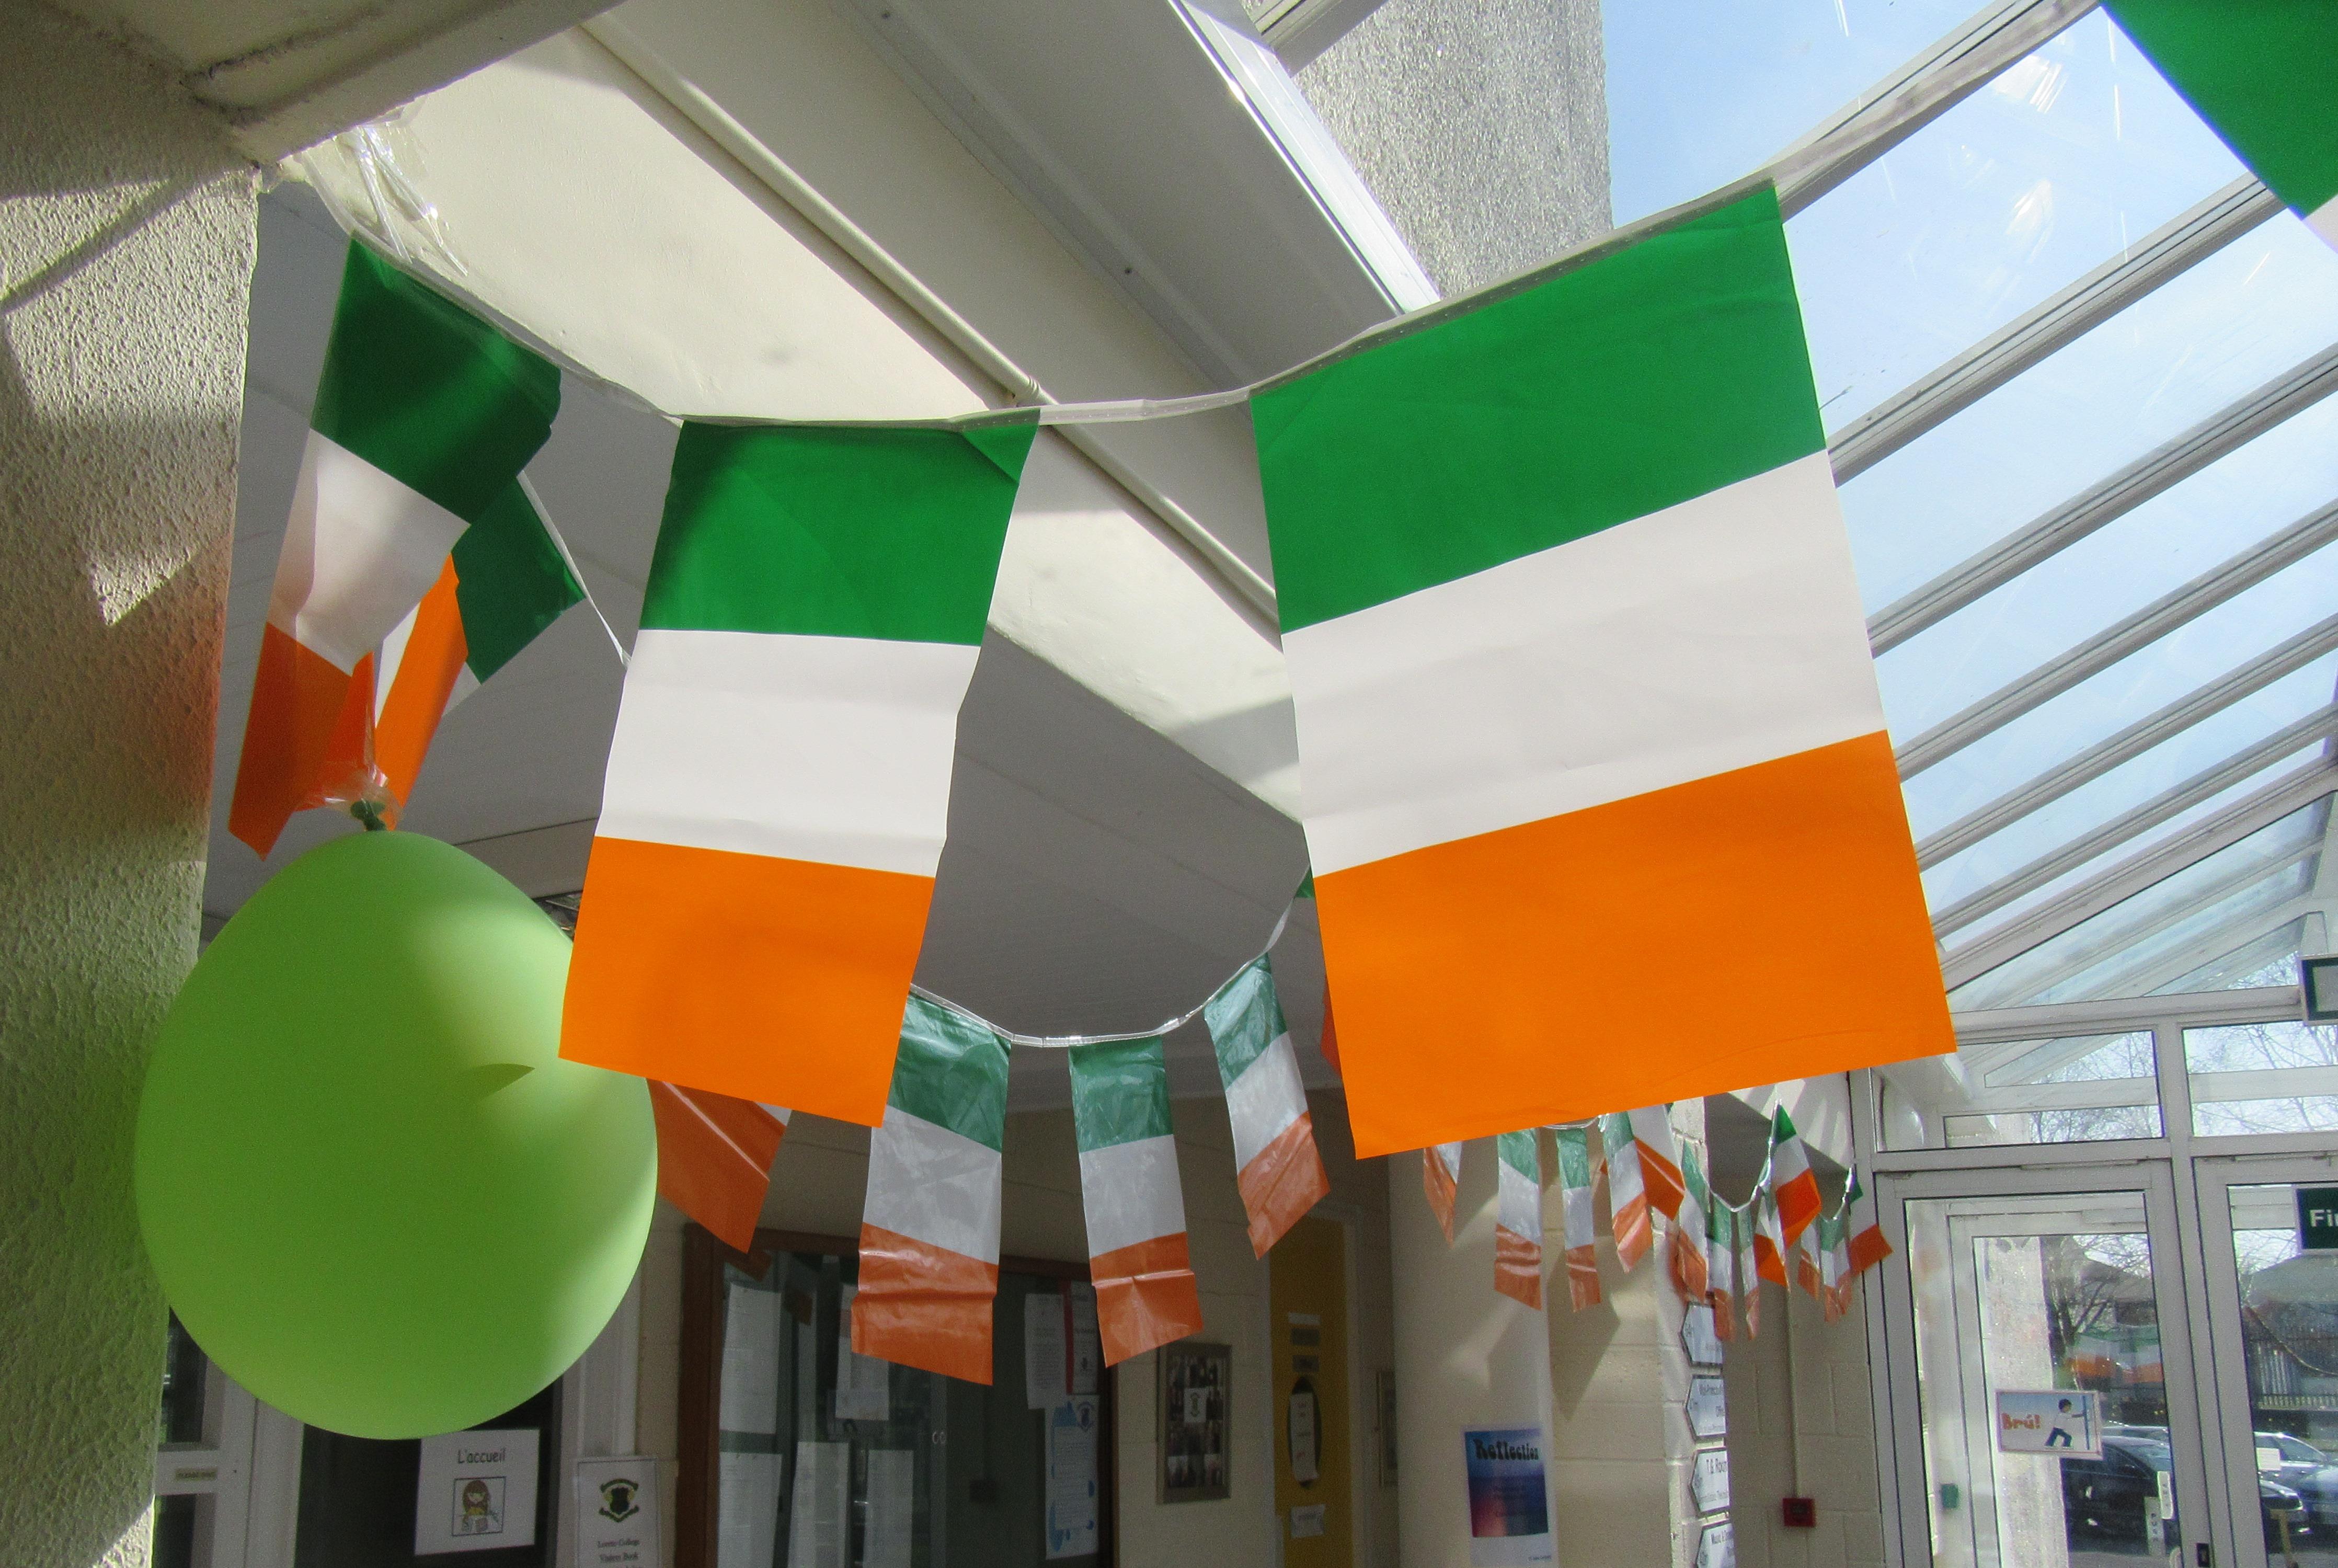 Seachtain na Gaeilge – You tube Video